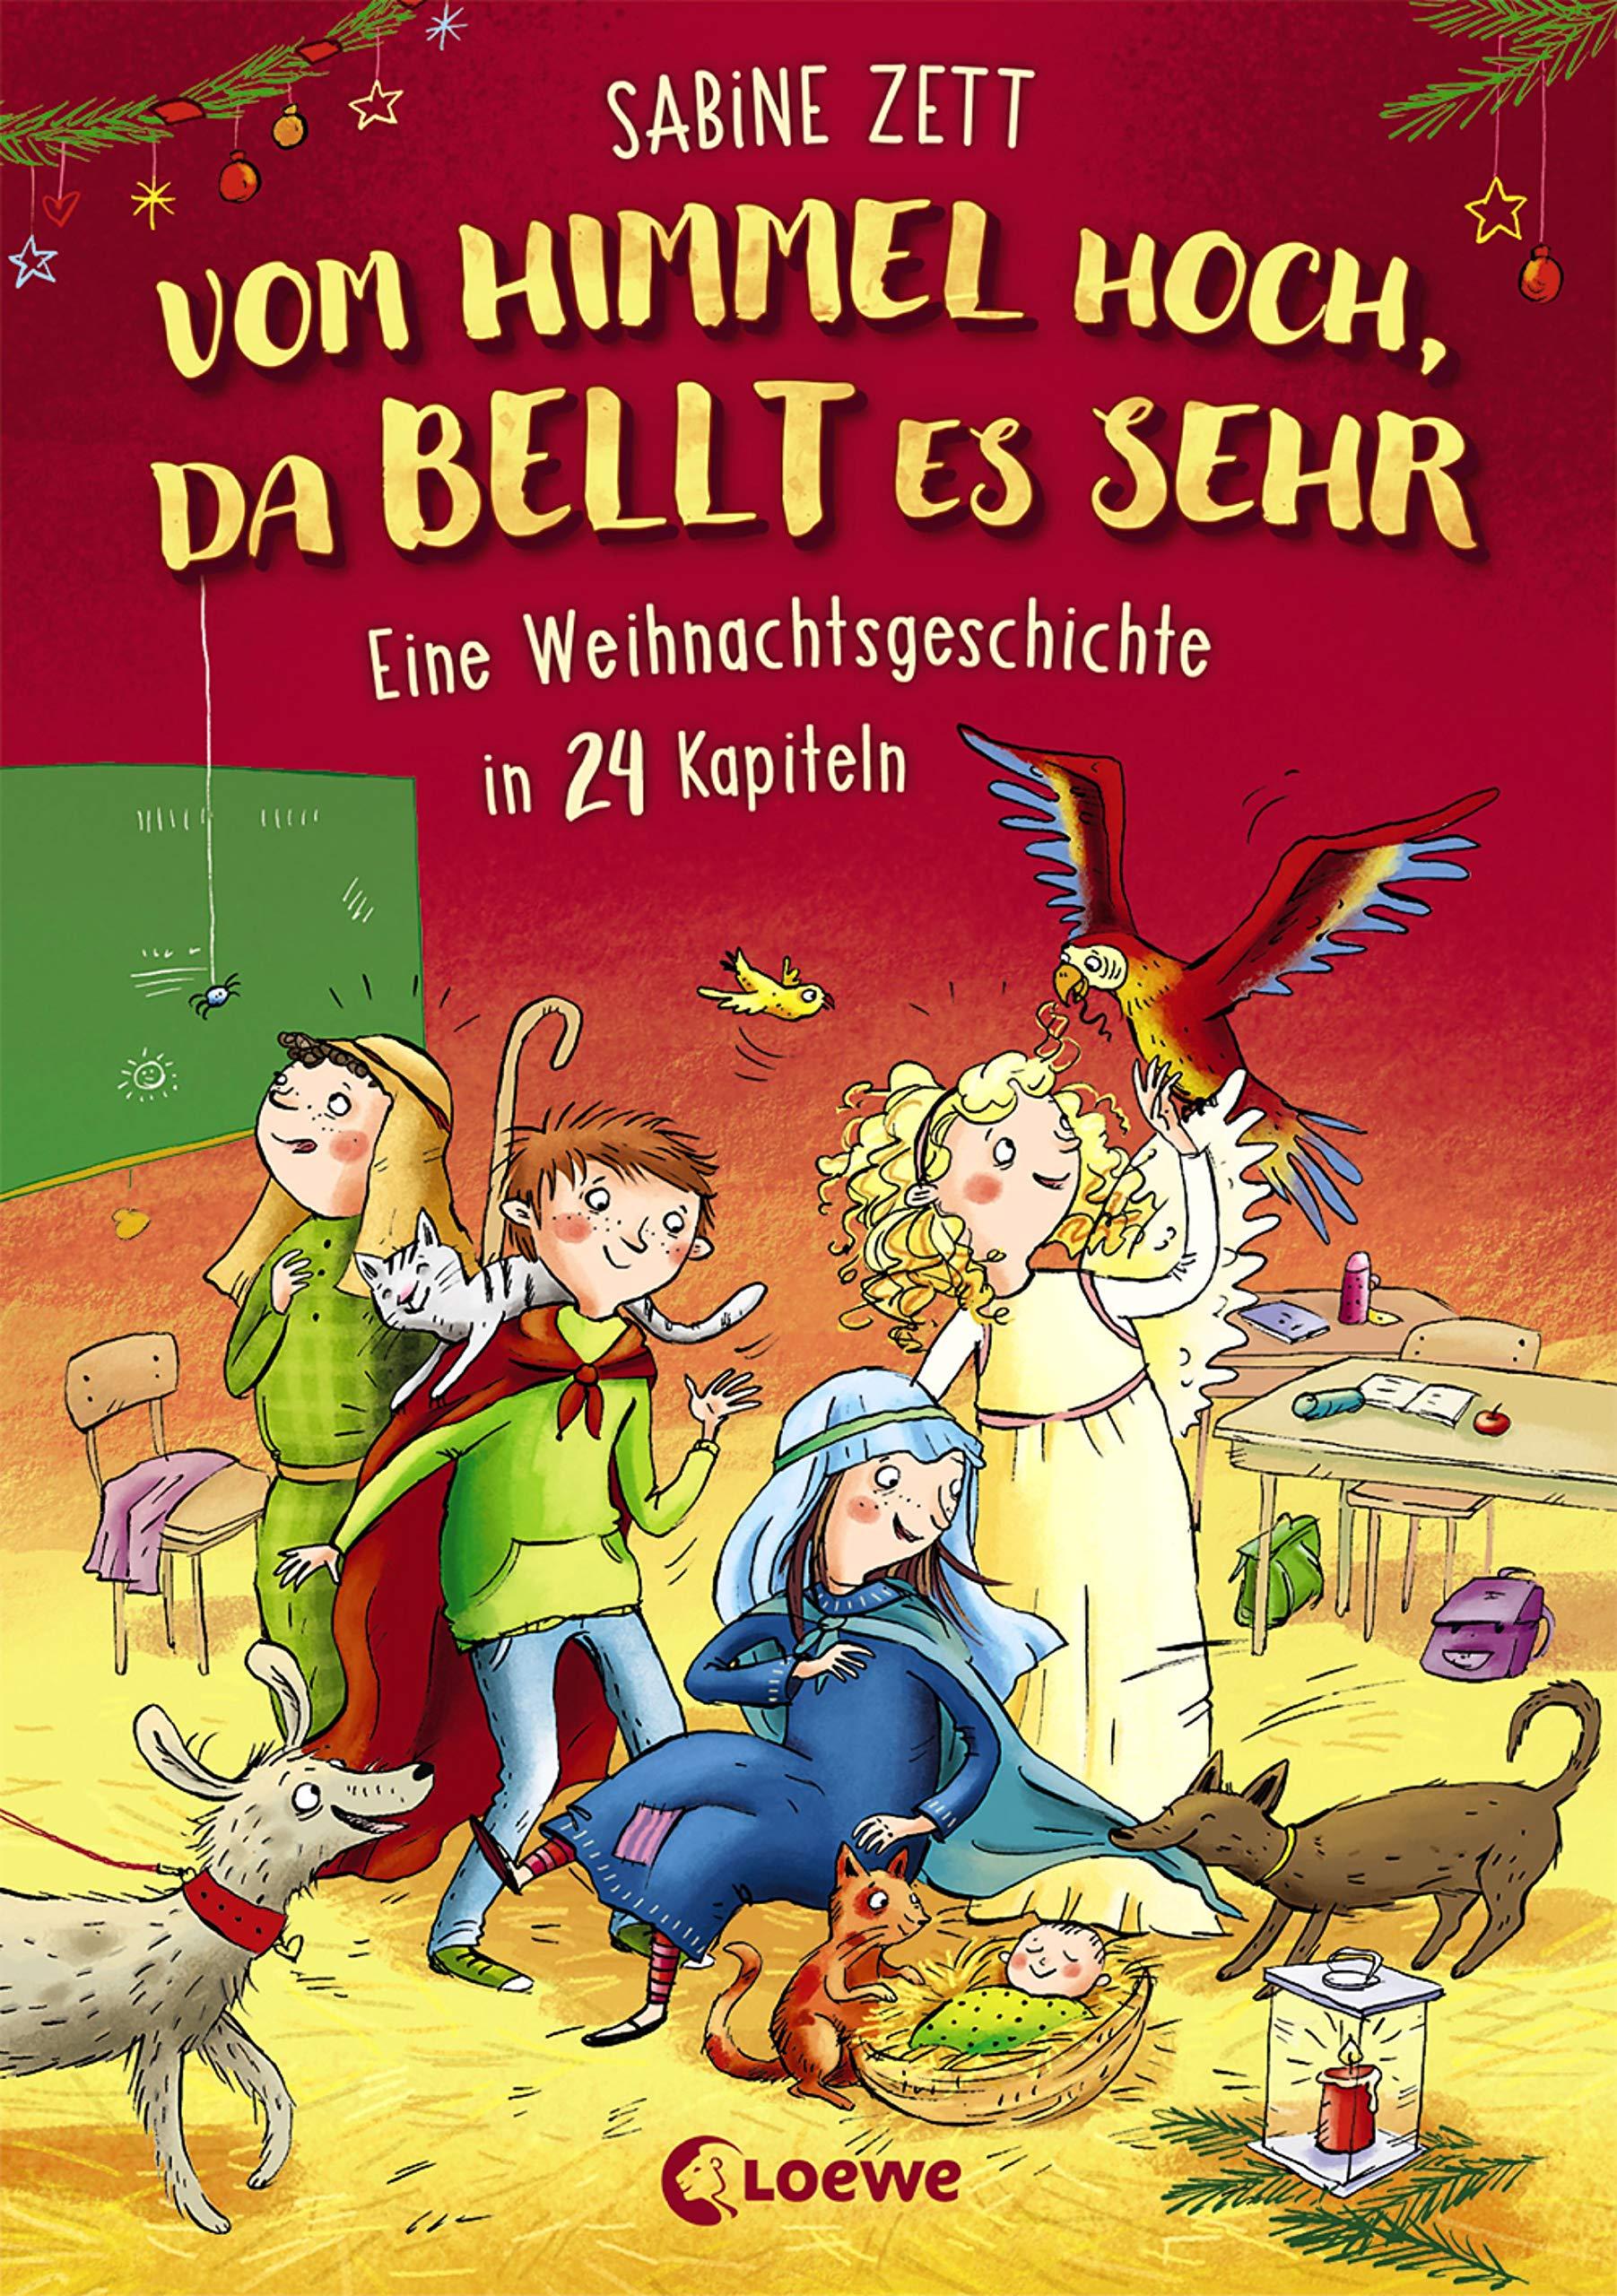 Unsere Eigene Weihnachtsgeschichte - Kinderbuchlesen.de verwandt mit Weihnachtsgeschichte Für Kindergartenkinder Zum Nachspielen